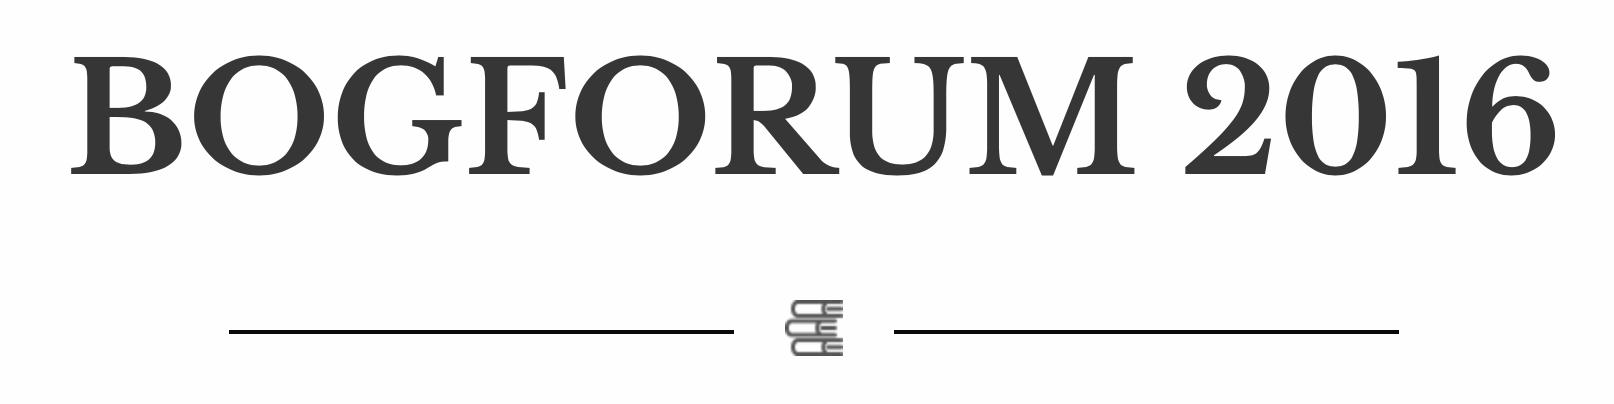 Bogforum logo - kulturmor